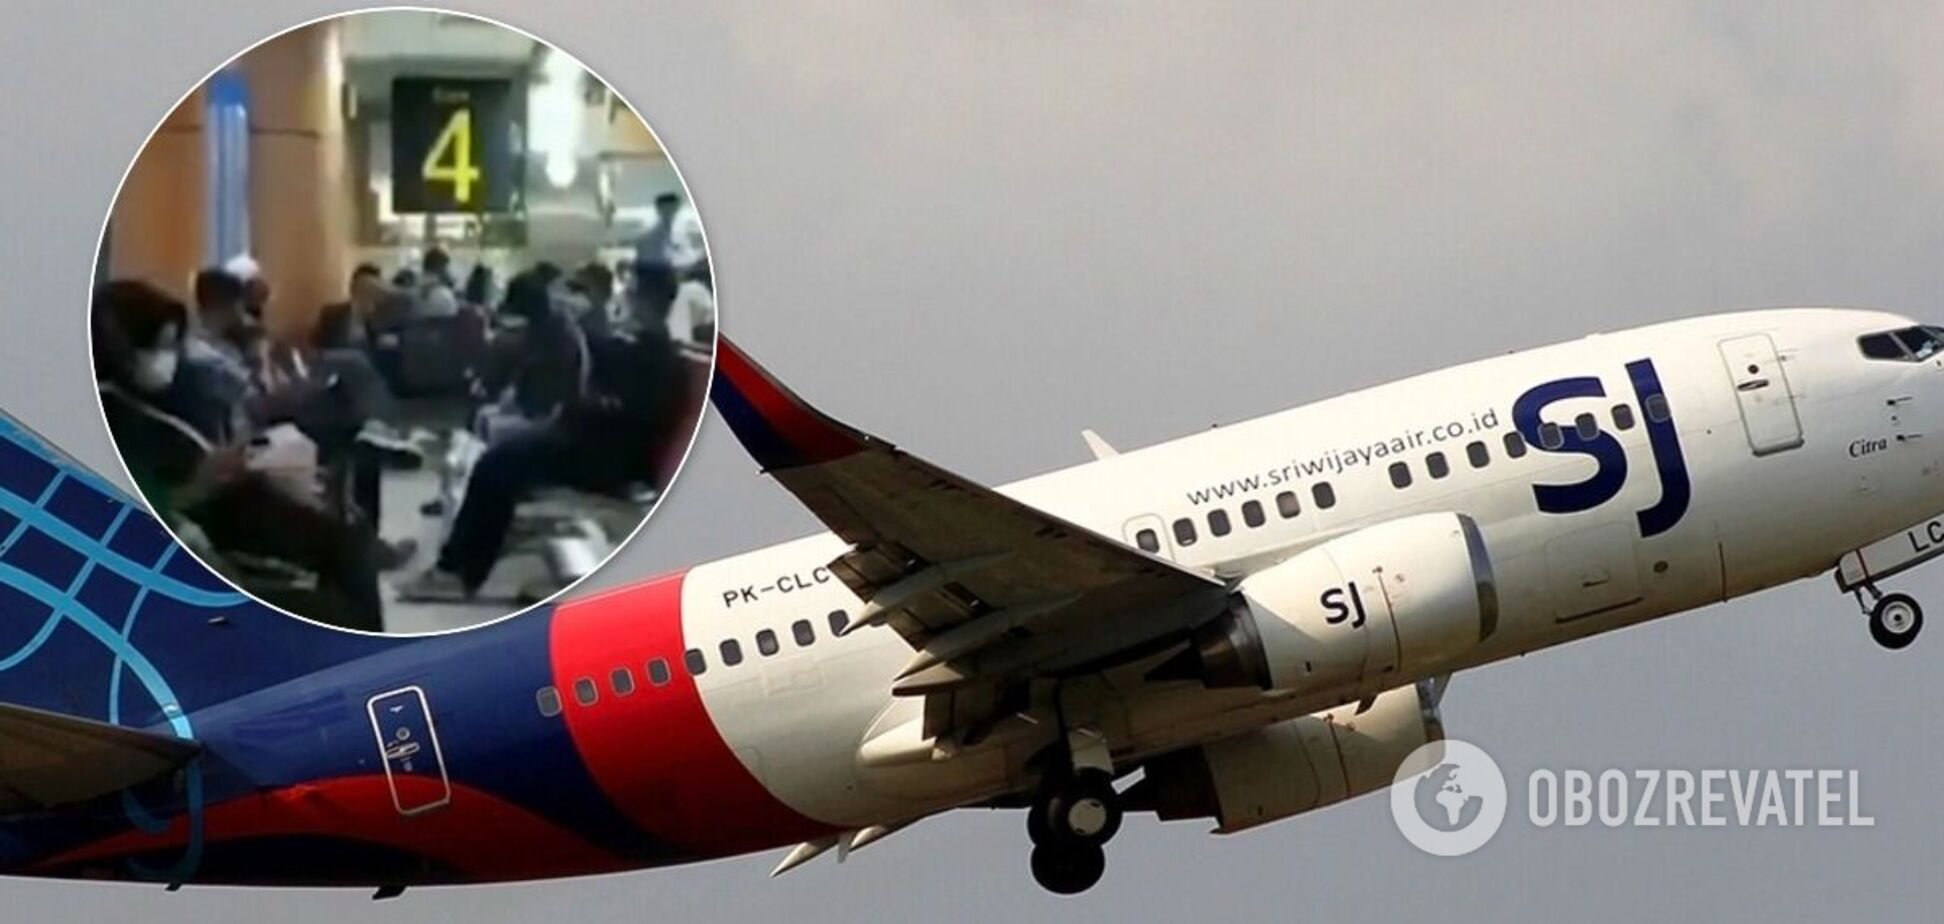 Авиакатастрофа в Индонезии: появились кадры из аэропорта, куда направлялся Boeing